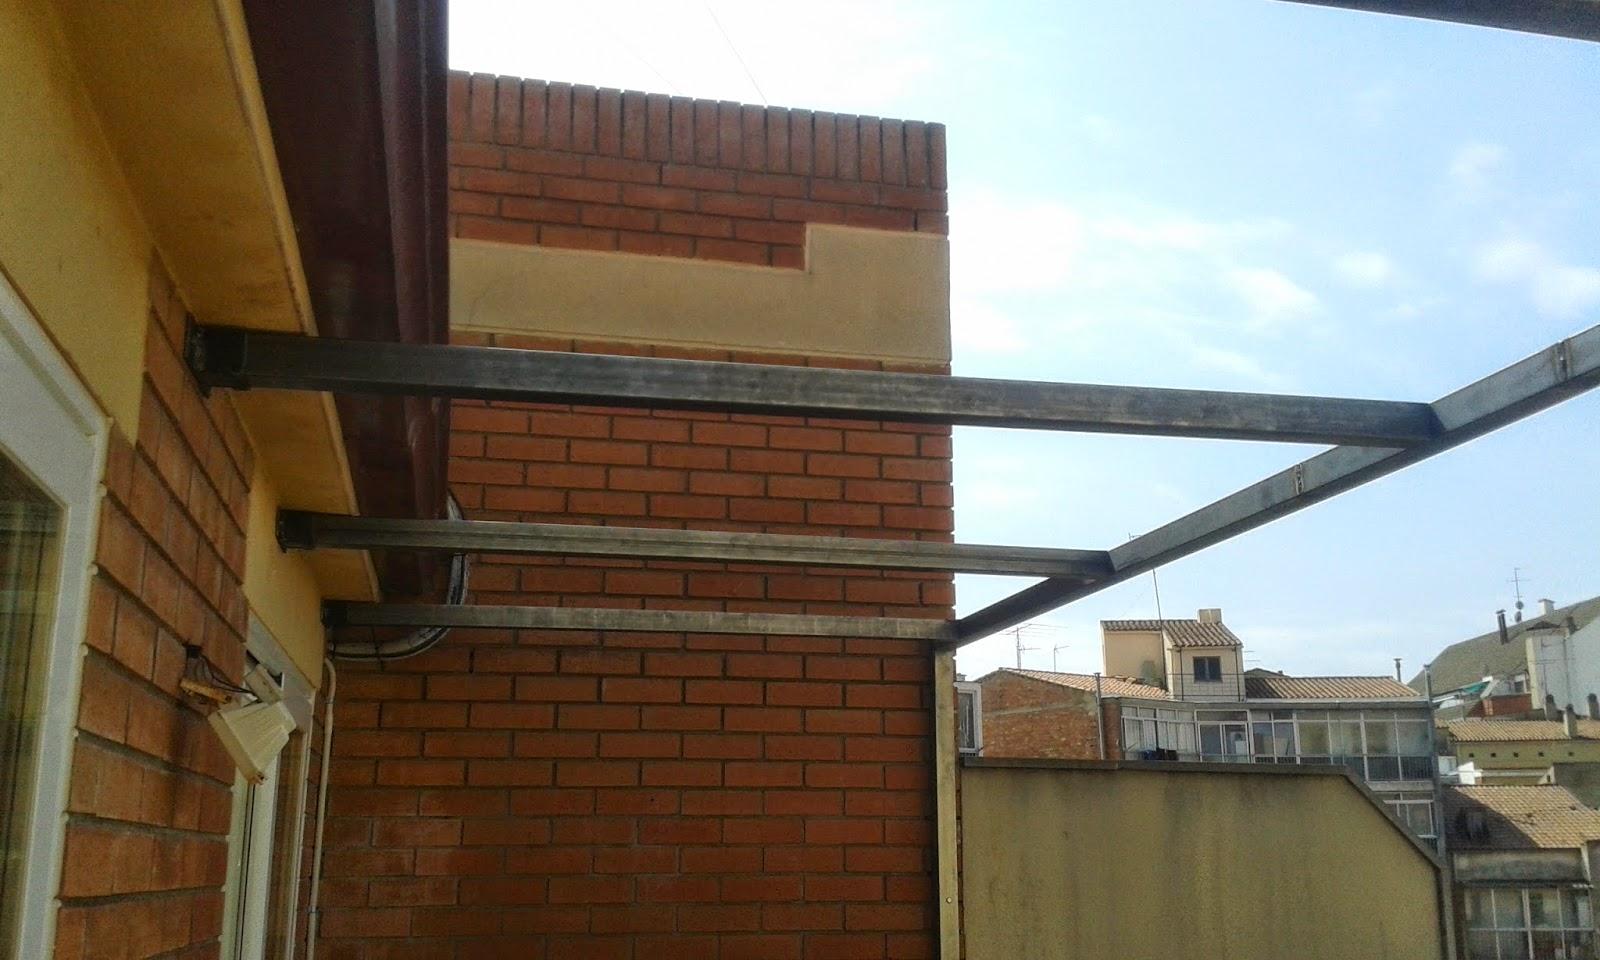 Bram creaciones estructura met lica para terraza - Estructuras para terrazas ...